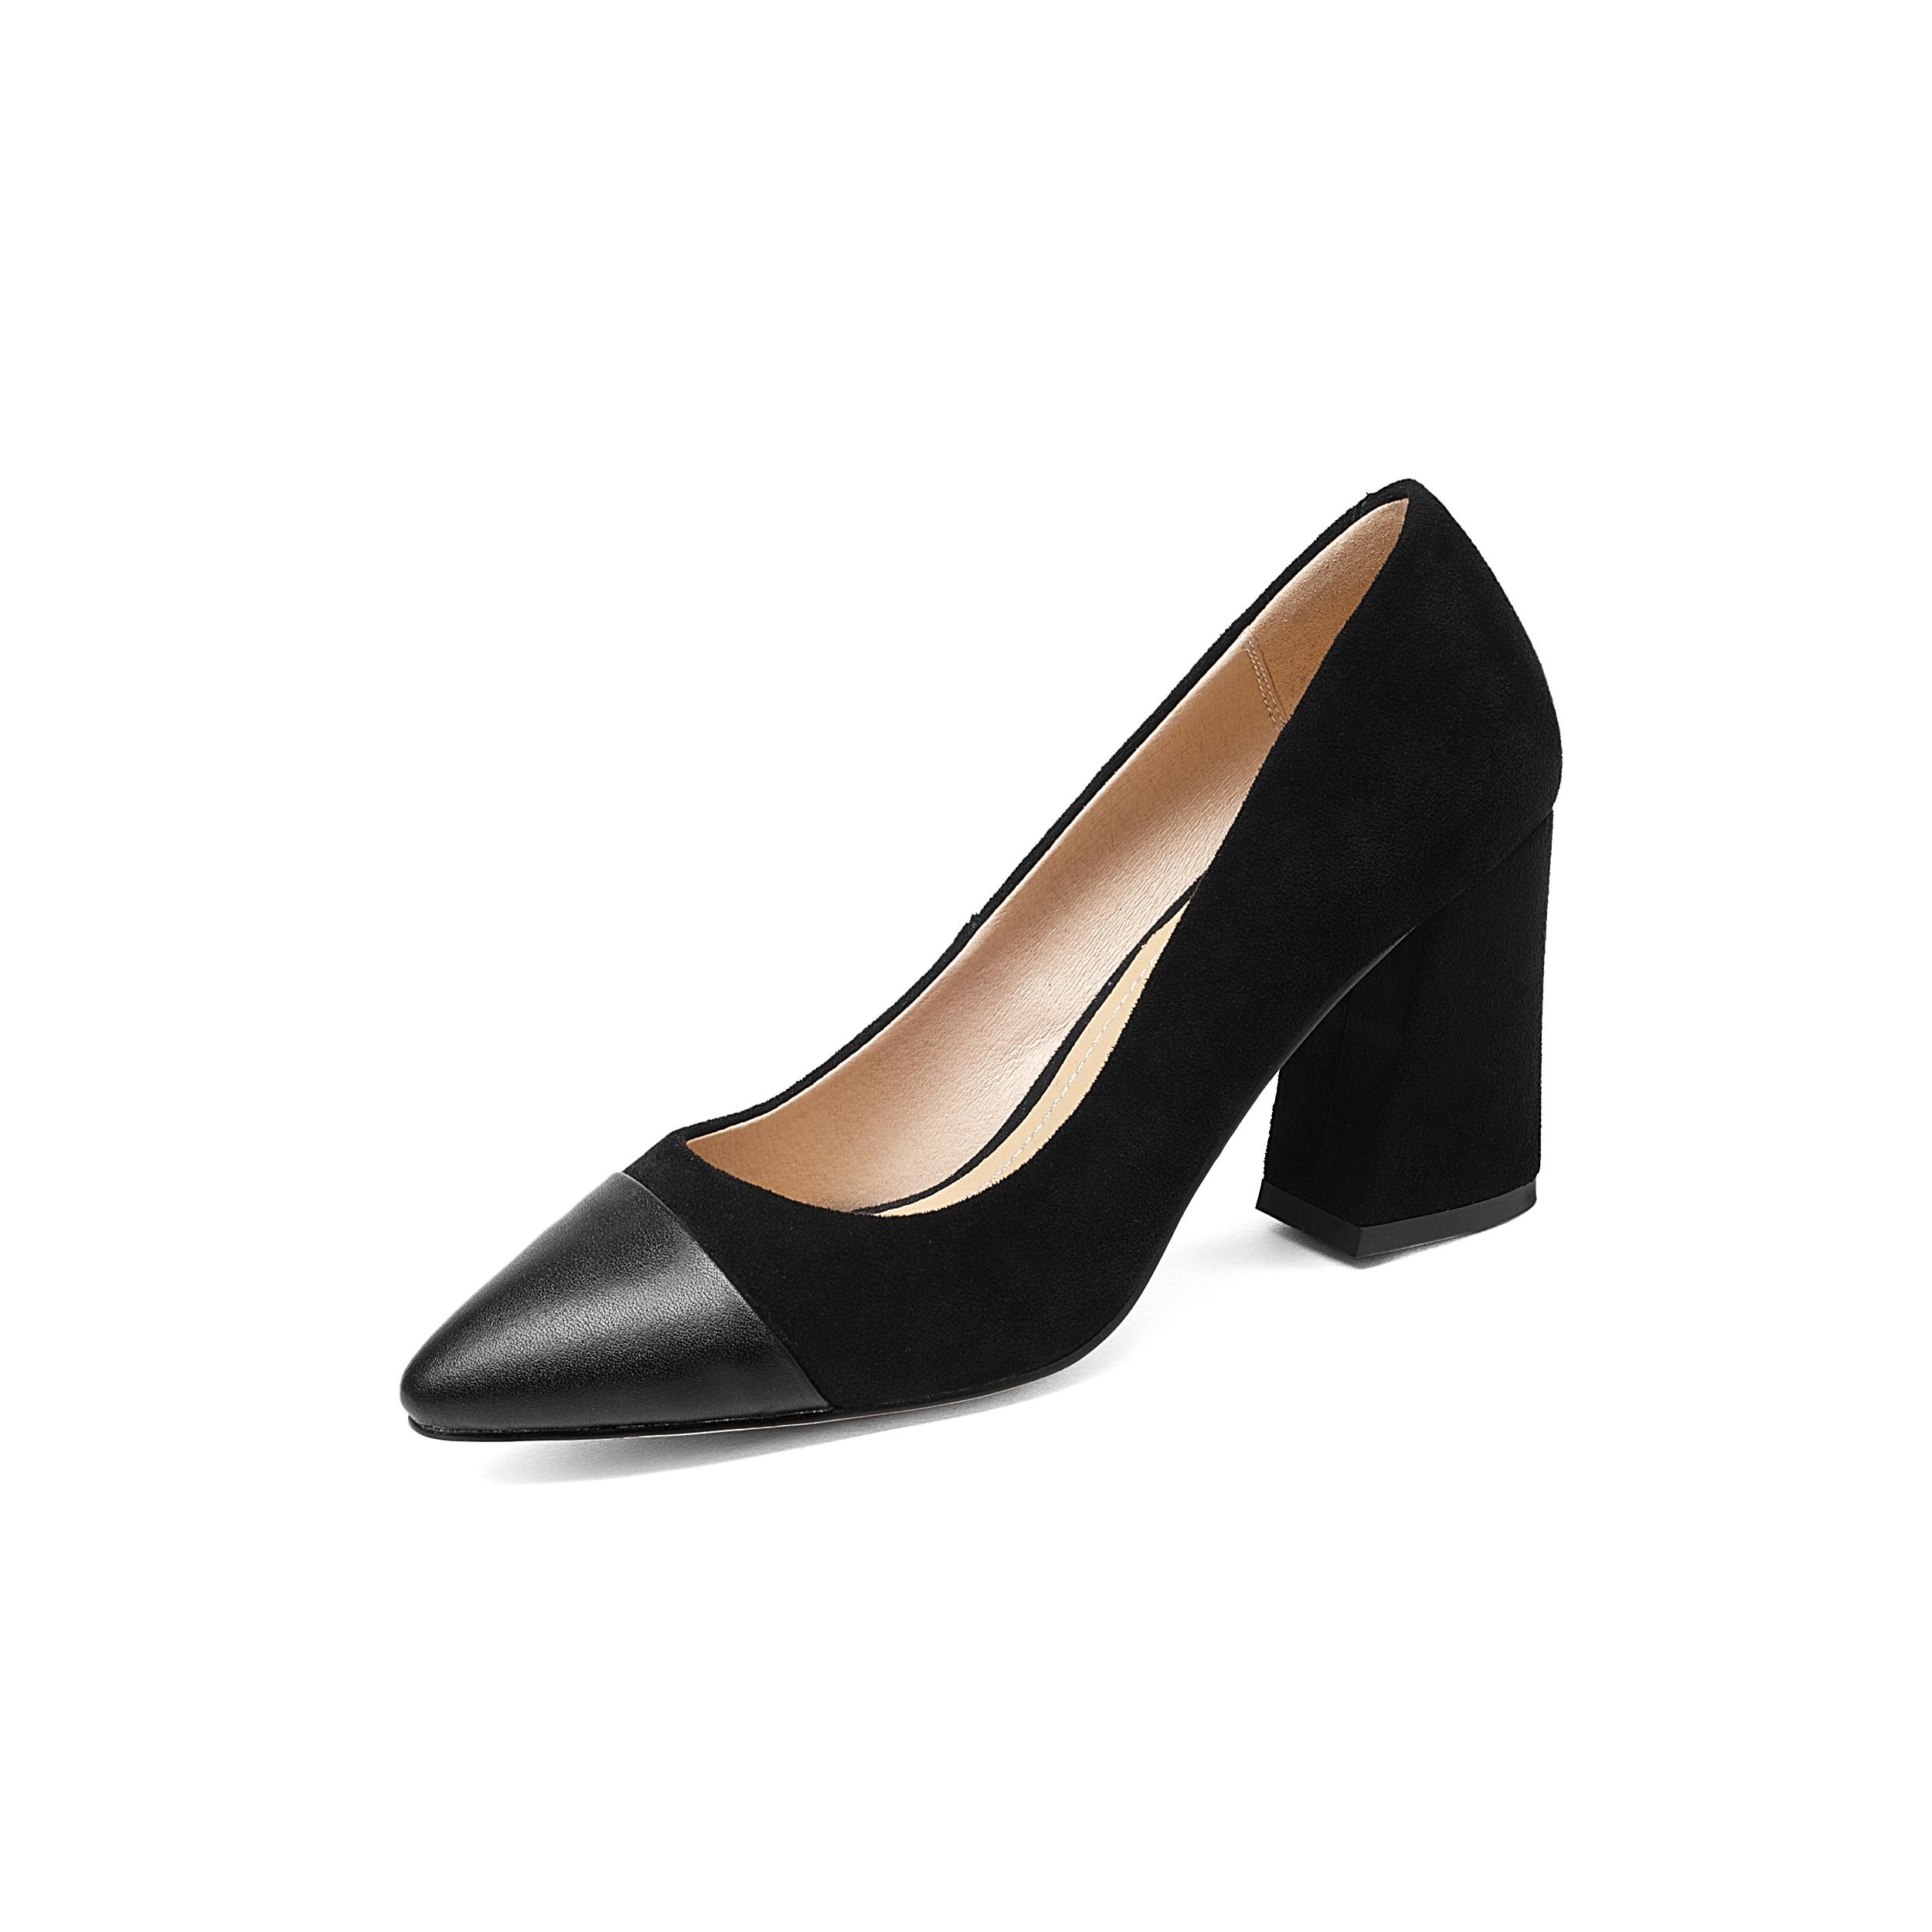 Ladiea Cuir De Véritable Femmes Femme Patchwork Poined En Nouvelles gris noir Orteil Hauts Talons Chaussures Apricot 2019 qOH00